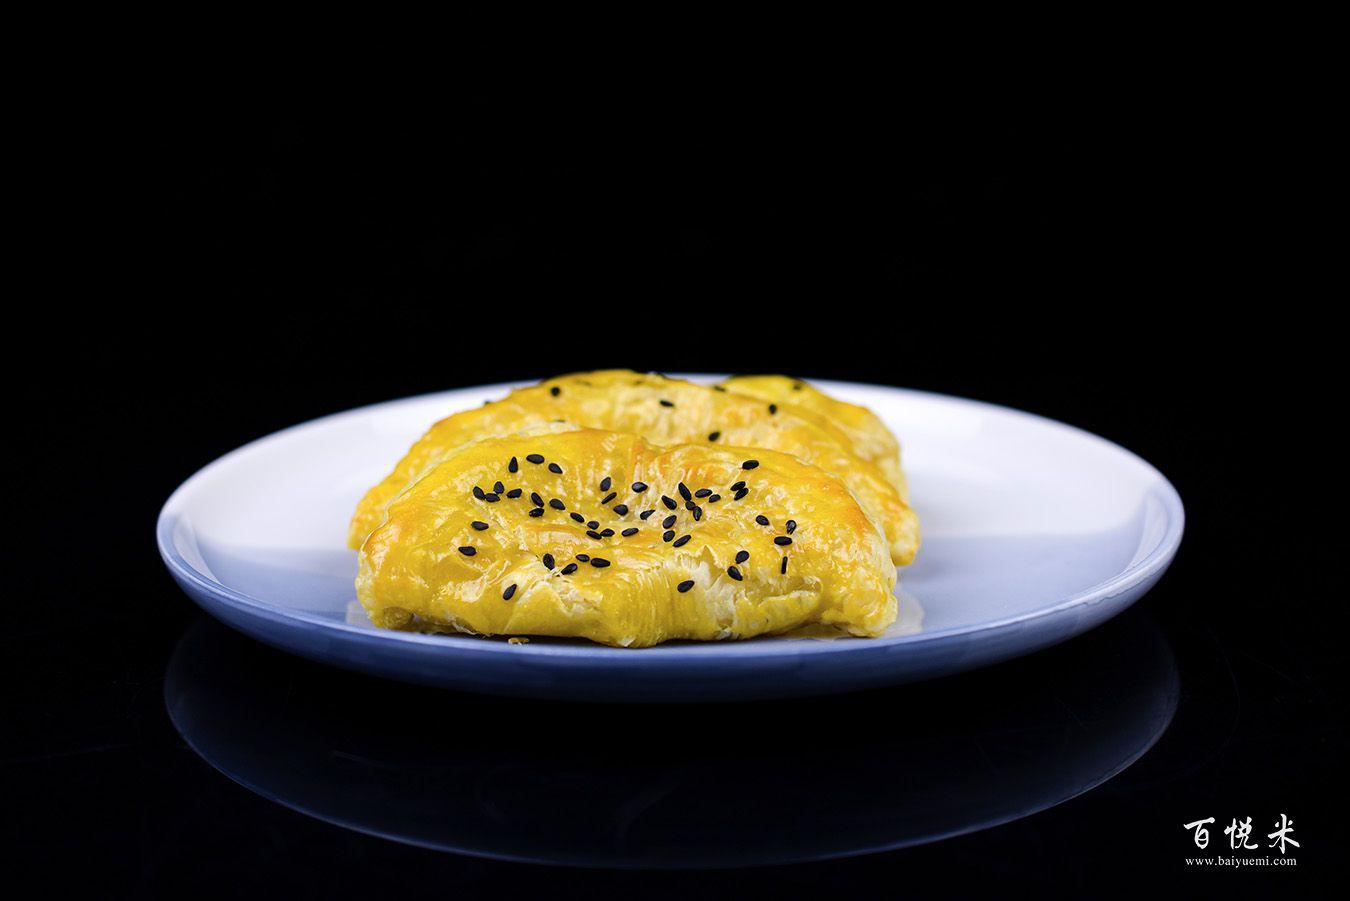 挞皮香蕉酥高清图片大全【蛋糕图片】_1336